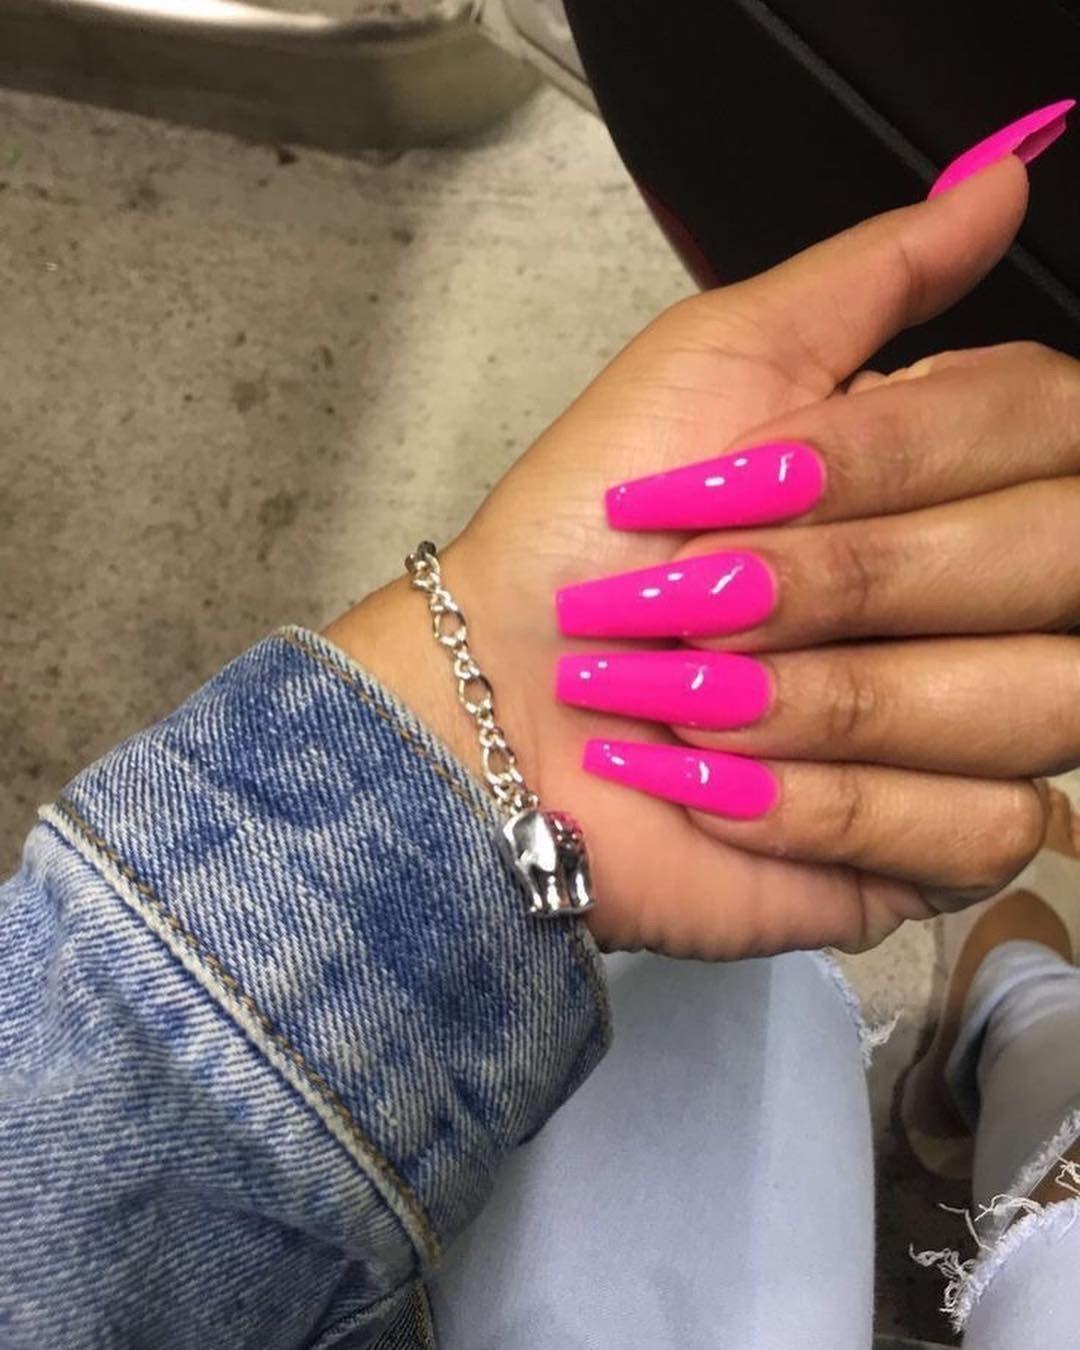 Ig Bold Beautycollective Pink Nails Fake Nails Toe Nails